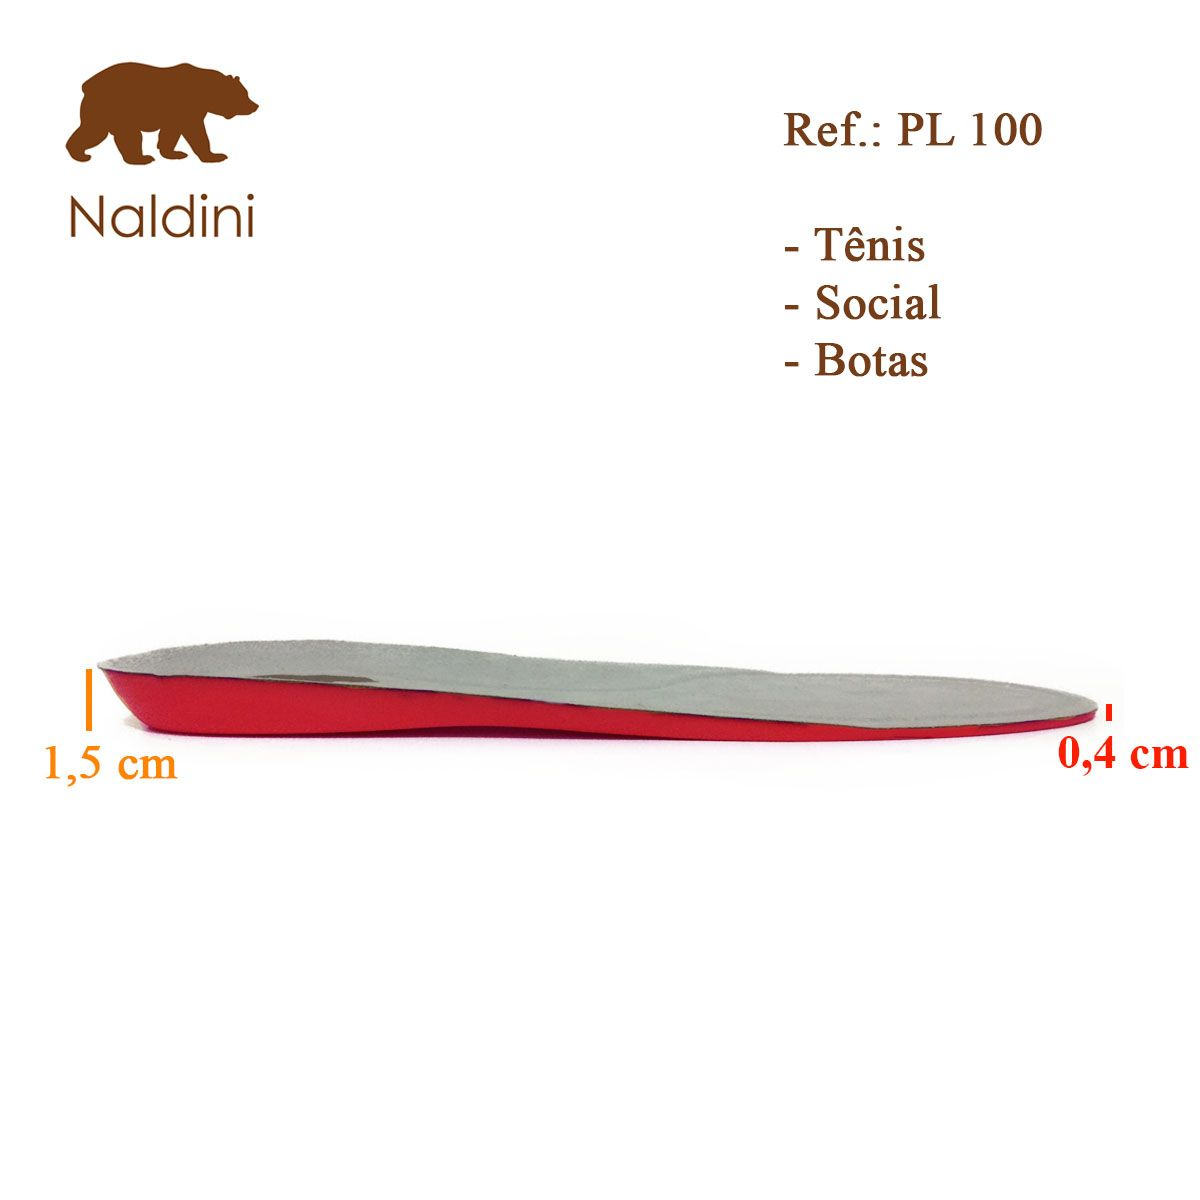 Palmilha em Gel Confortável Anatômica Ortopédica Masculina Naldini PL100